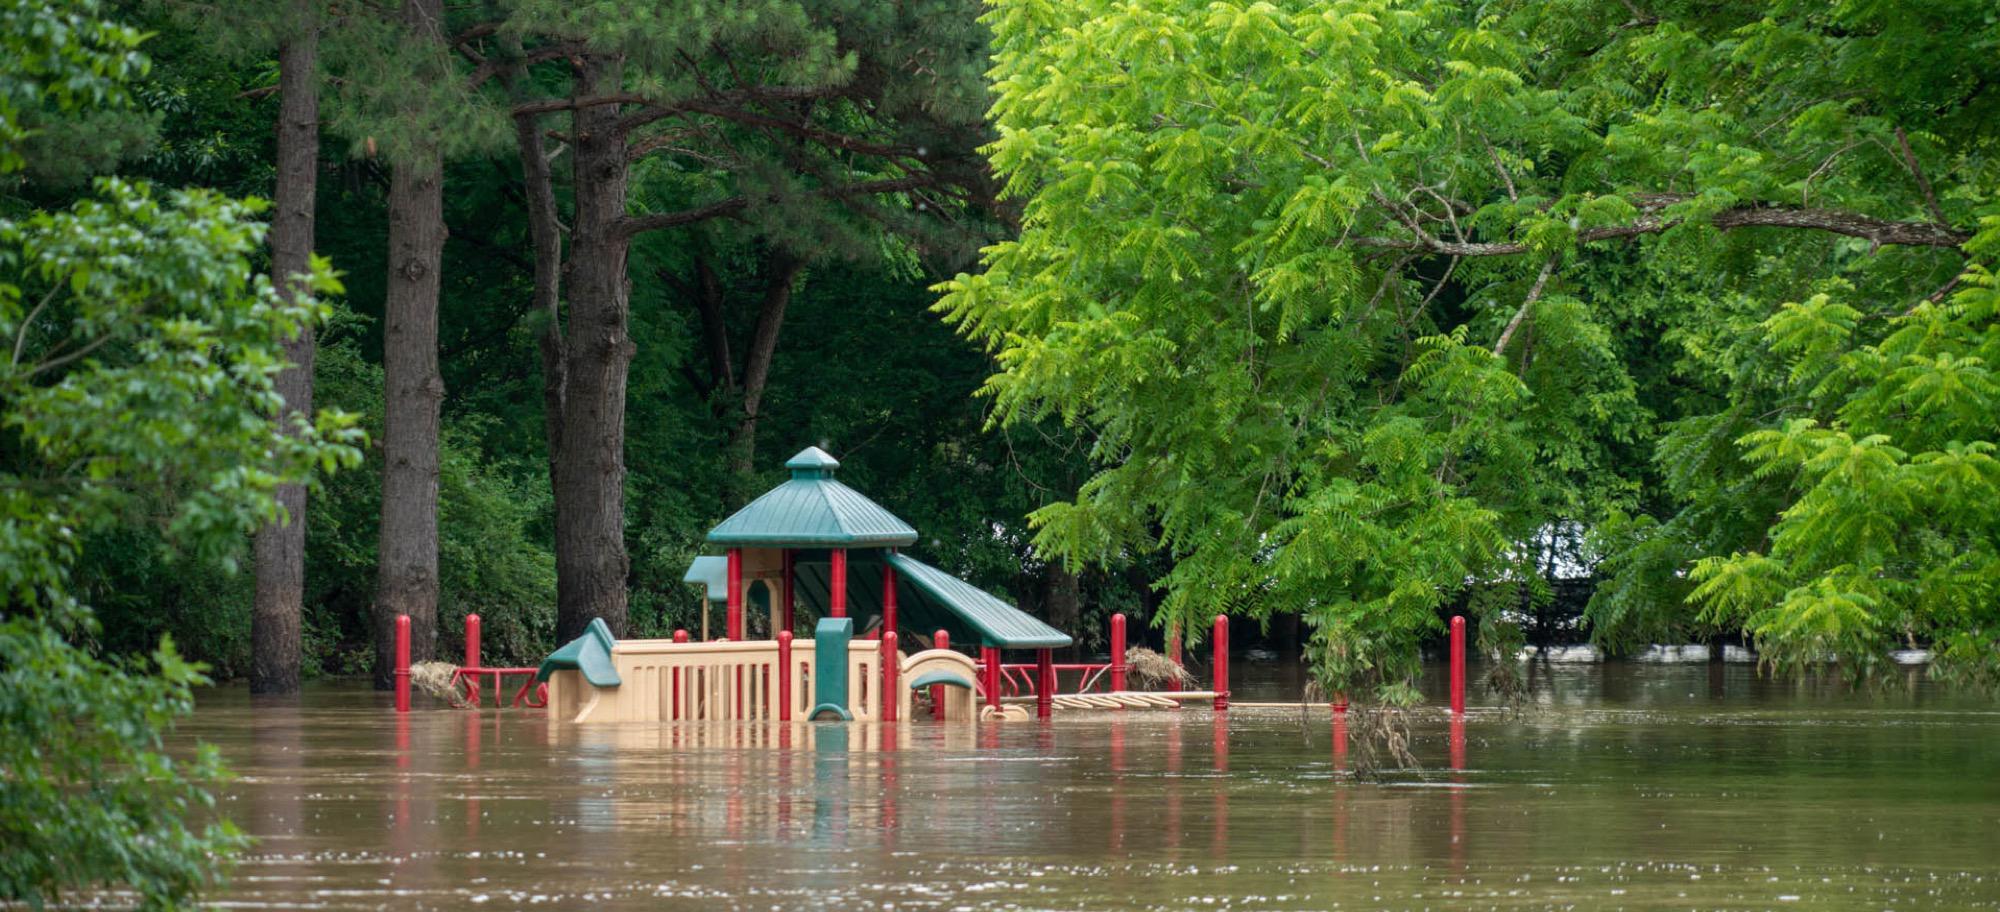 Playground under water after flood